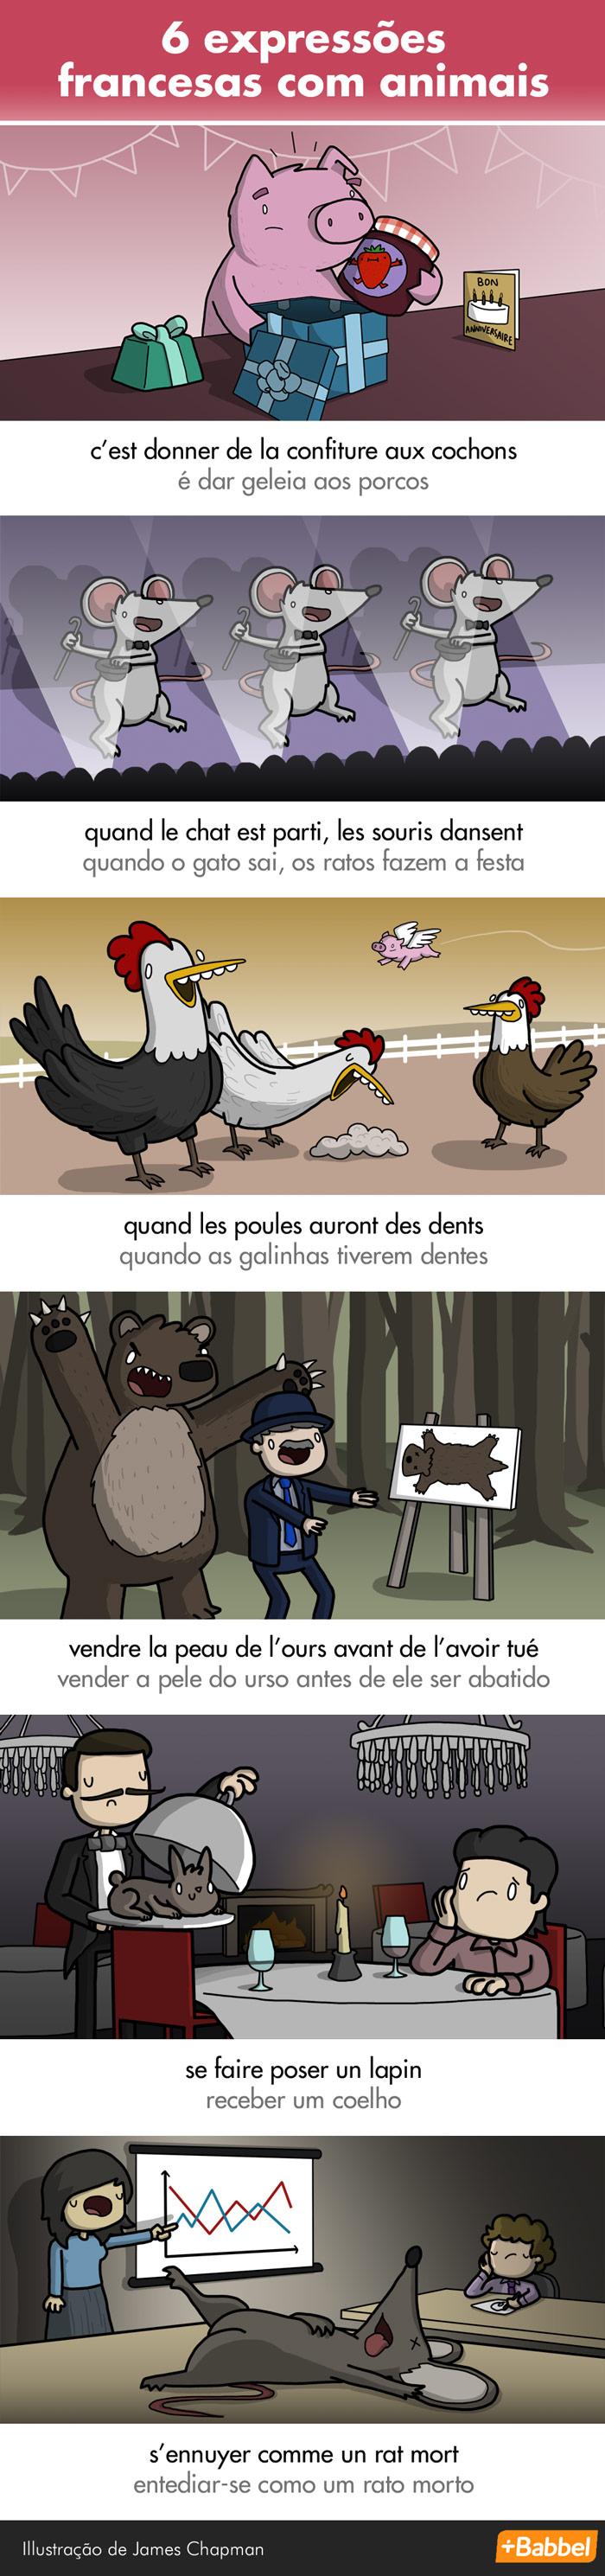 Uma bebida, ou eu mato o cachorro! Expressões francesas com animais